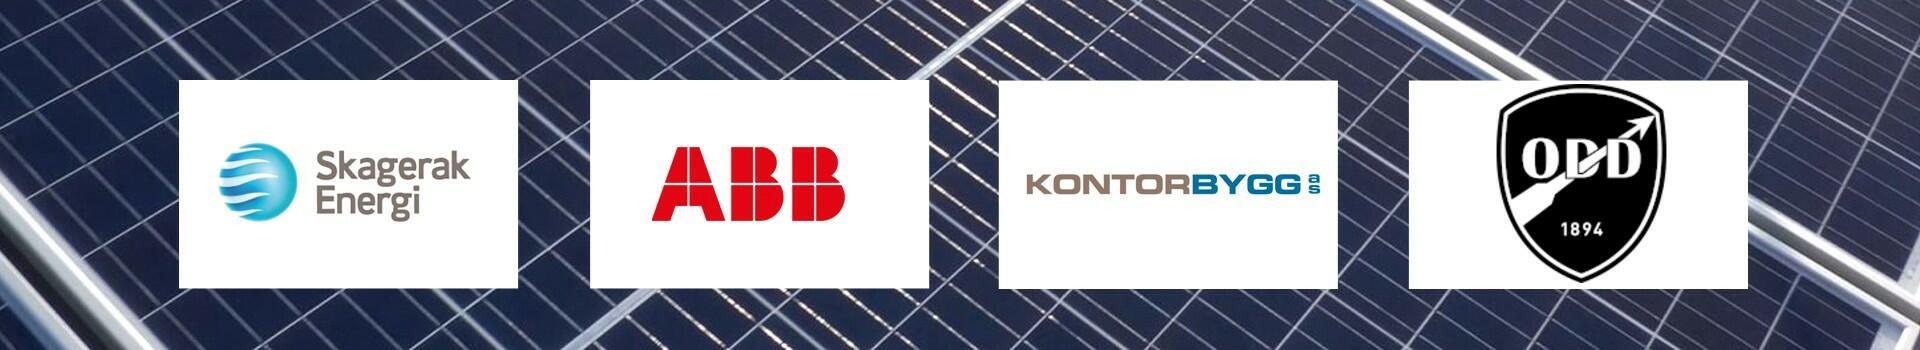 Logoer av samarbeidspartnerne